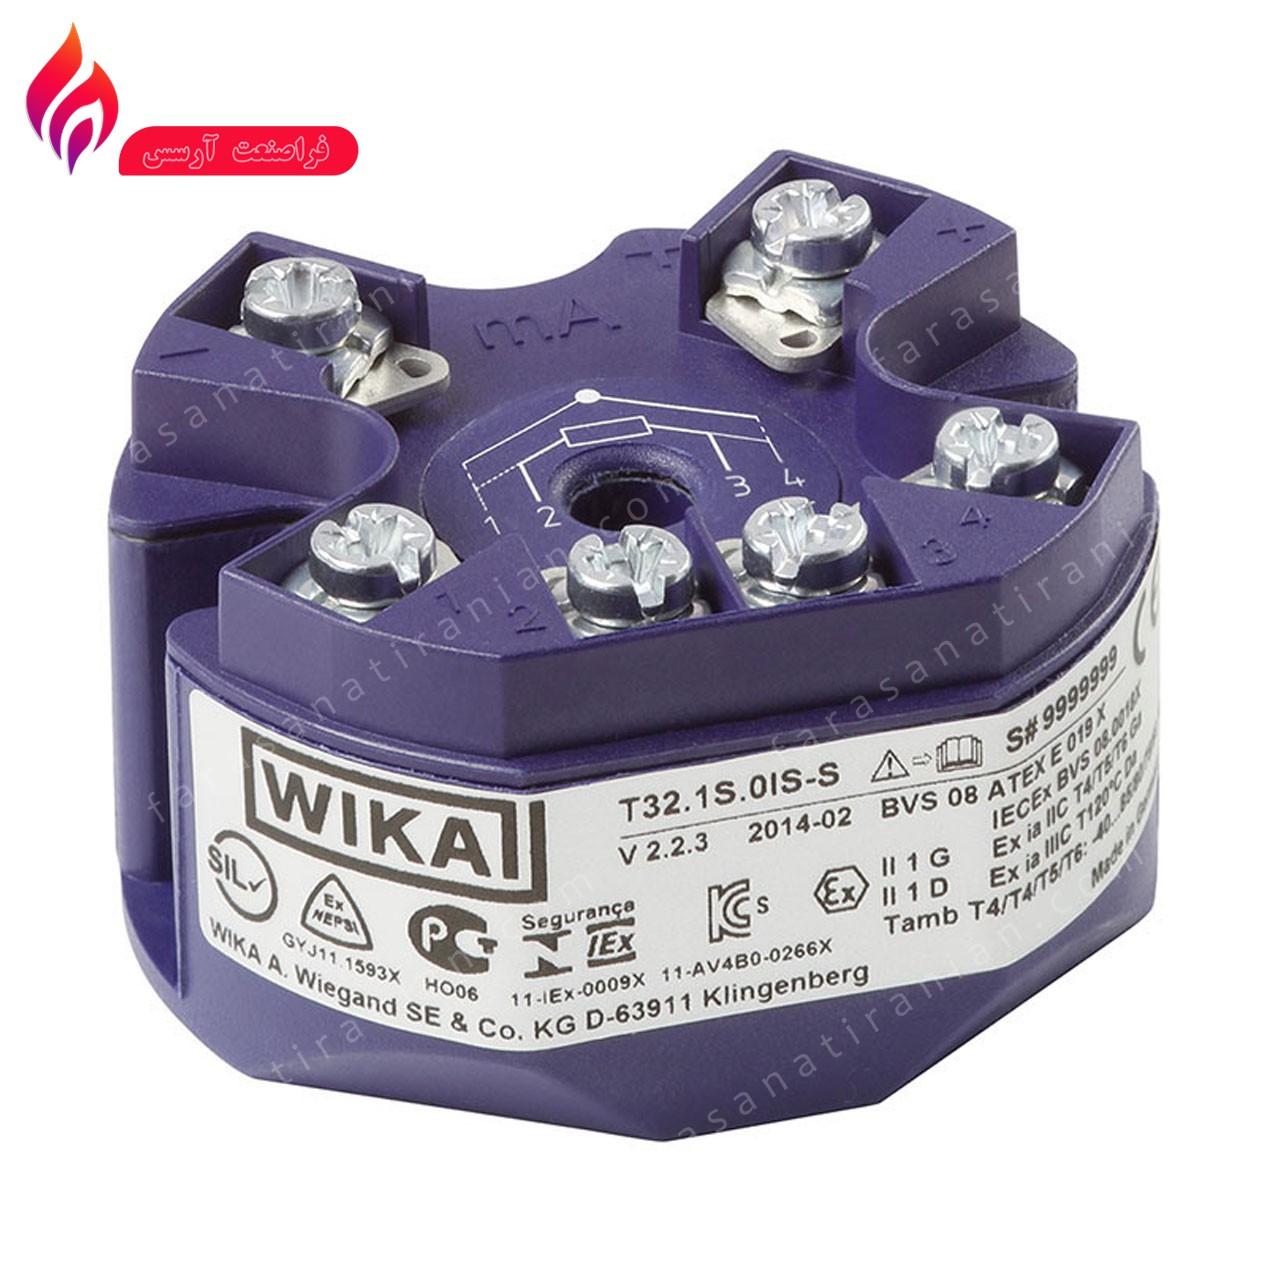 تمپرچر ترانسمیتر (ترانسمیتر دما) ویکا WIKA  T32